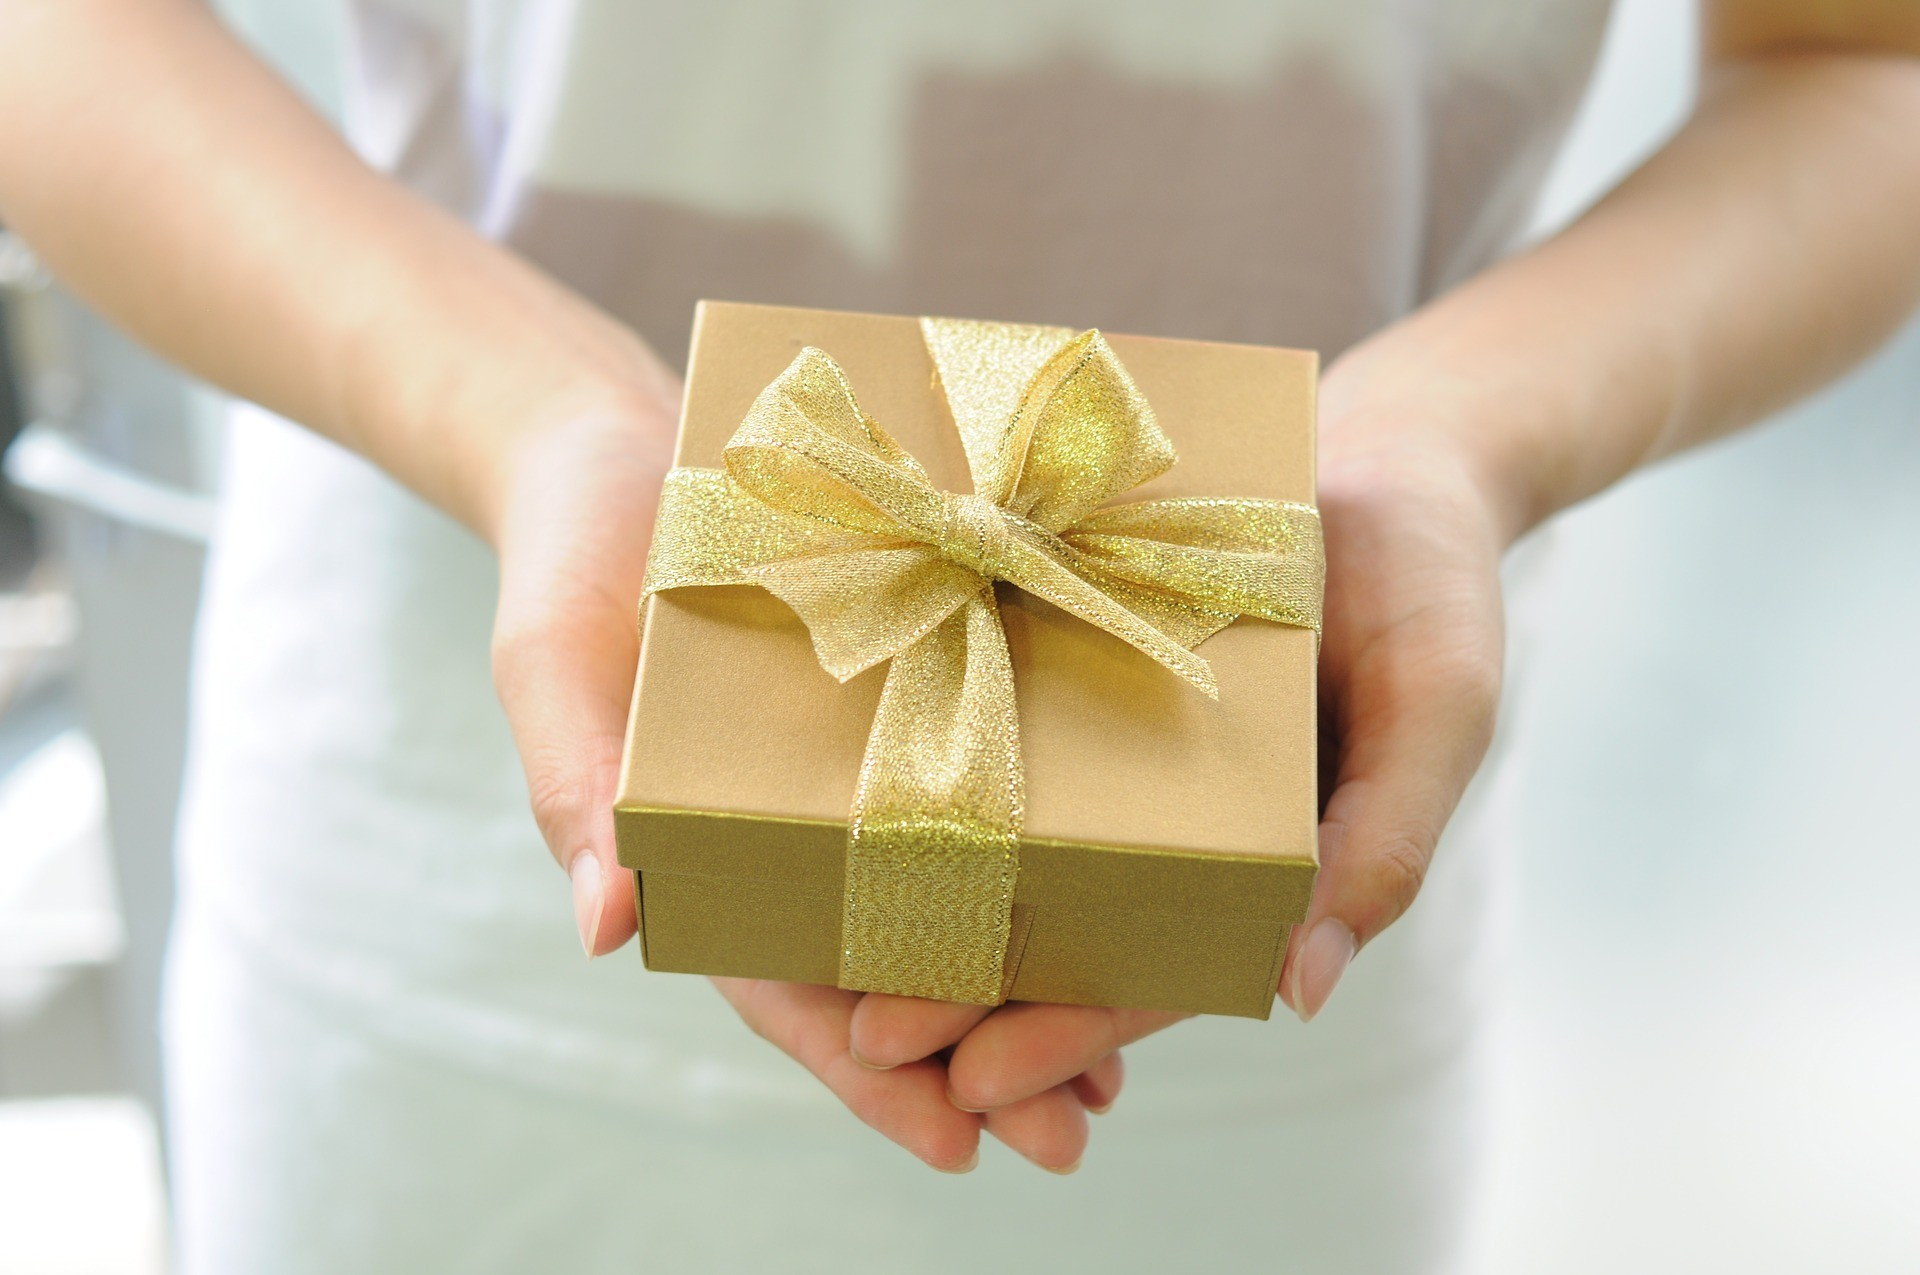 ▲▼禮物、送禮、節慶、慶祝            。(圖/取自免費圖庫pixabay)